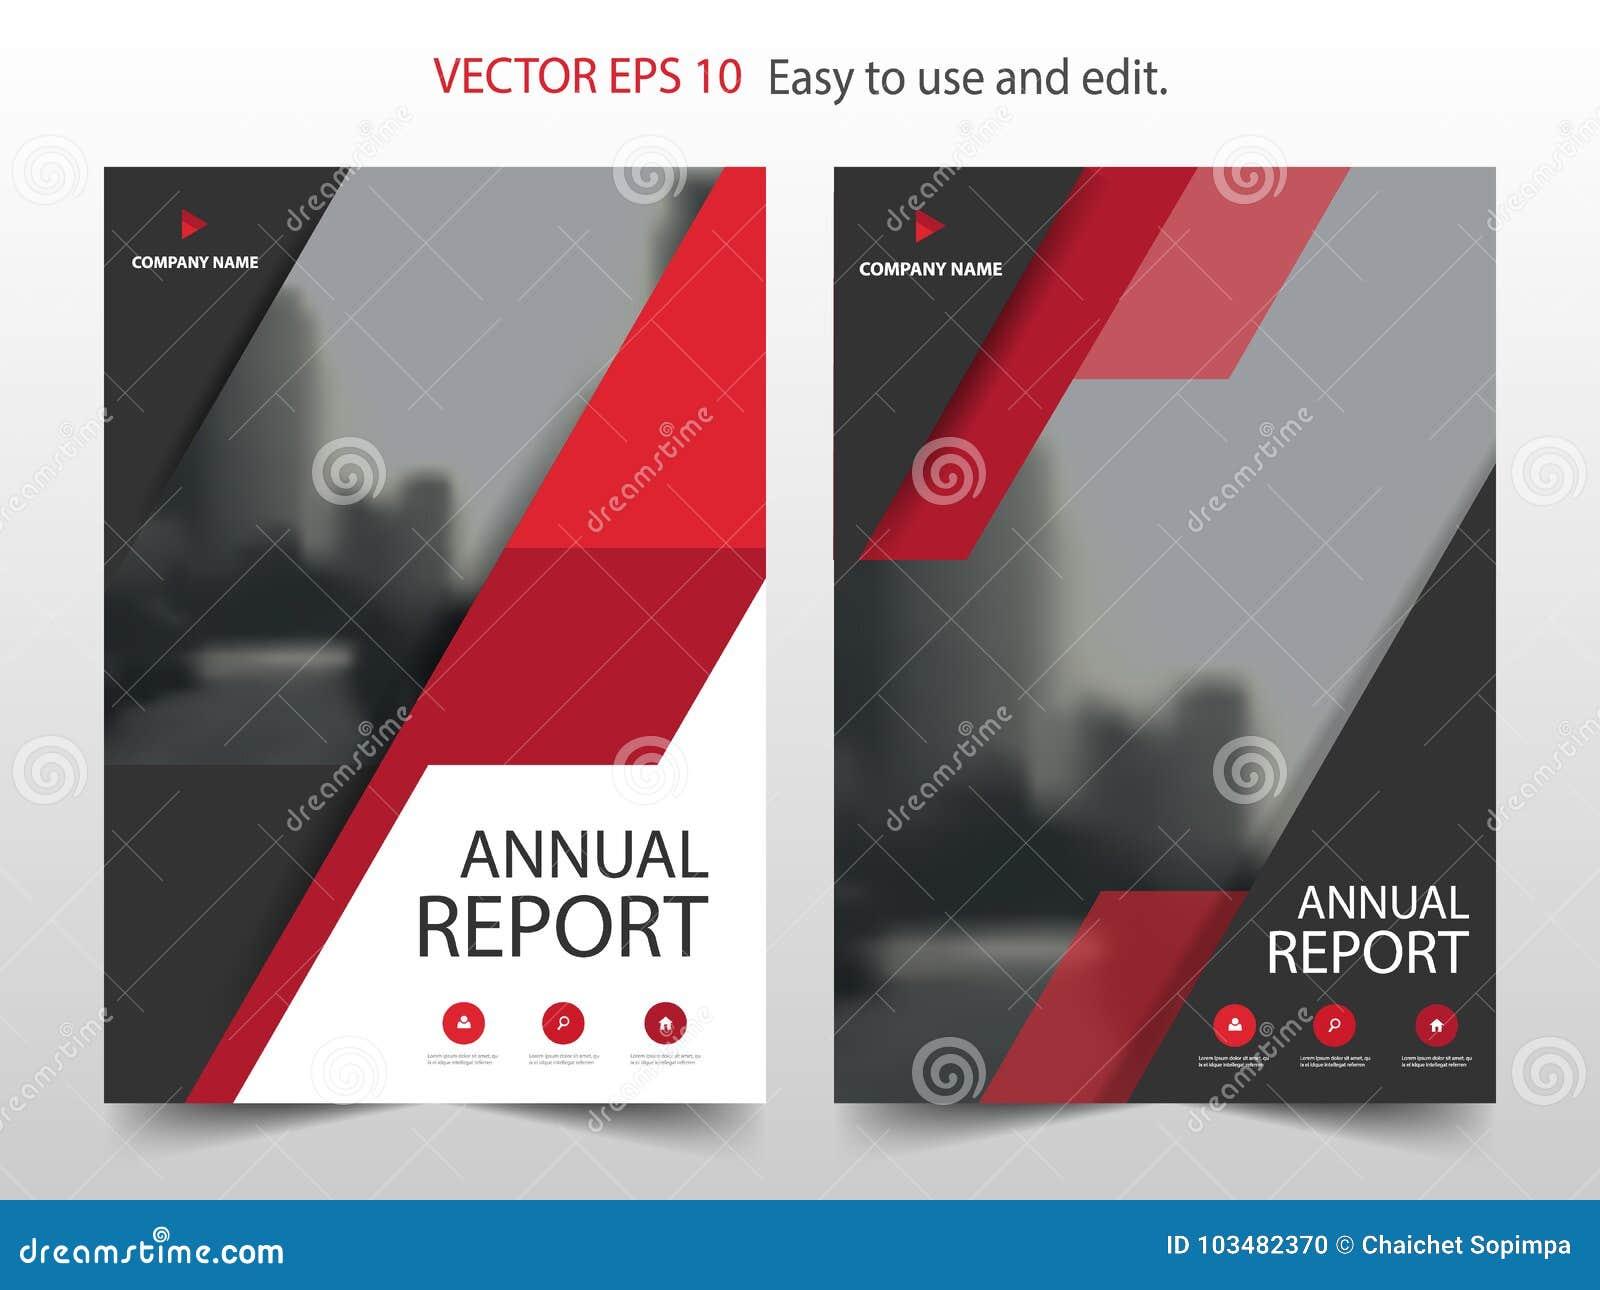 Κόκκινο αφηρημένο διάνυσμα προτύπων σχεδίου ετήσια εκθέσεων φυλλάδιων τριγώνων Infographic αφίσα περιοδικών επιχειρησιακών ιπτάμε